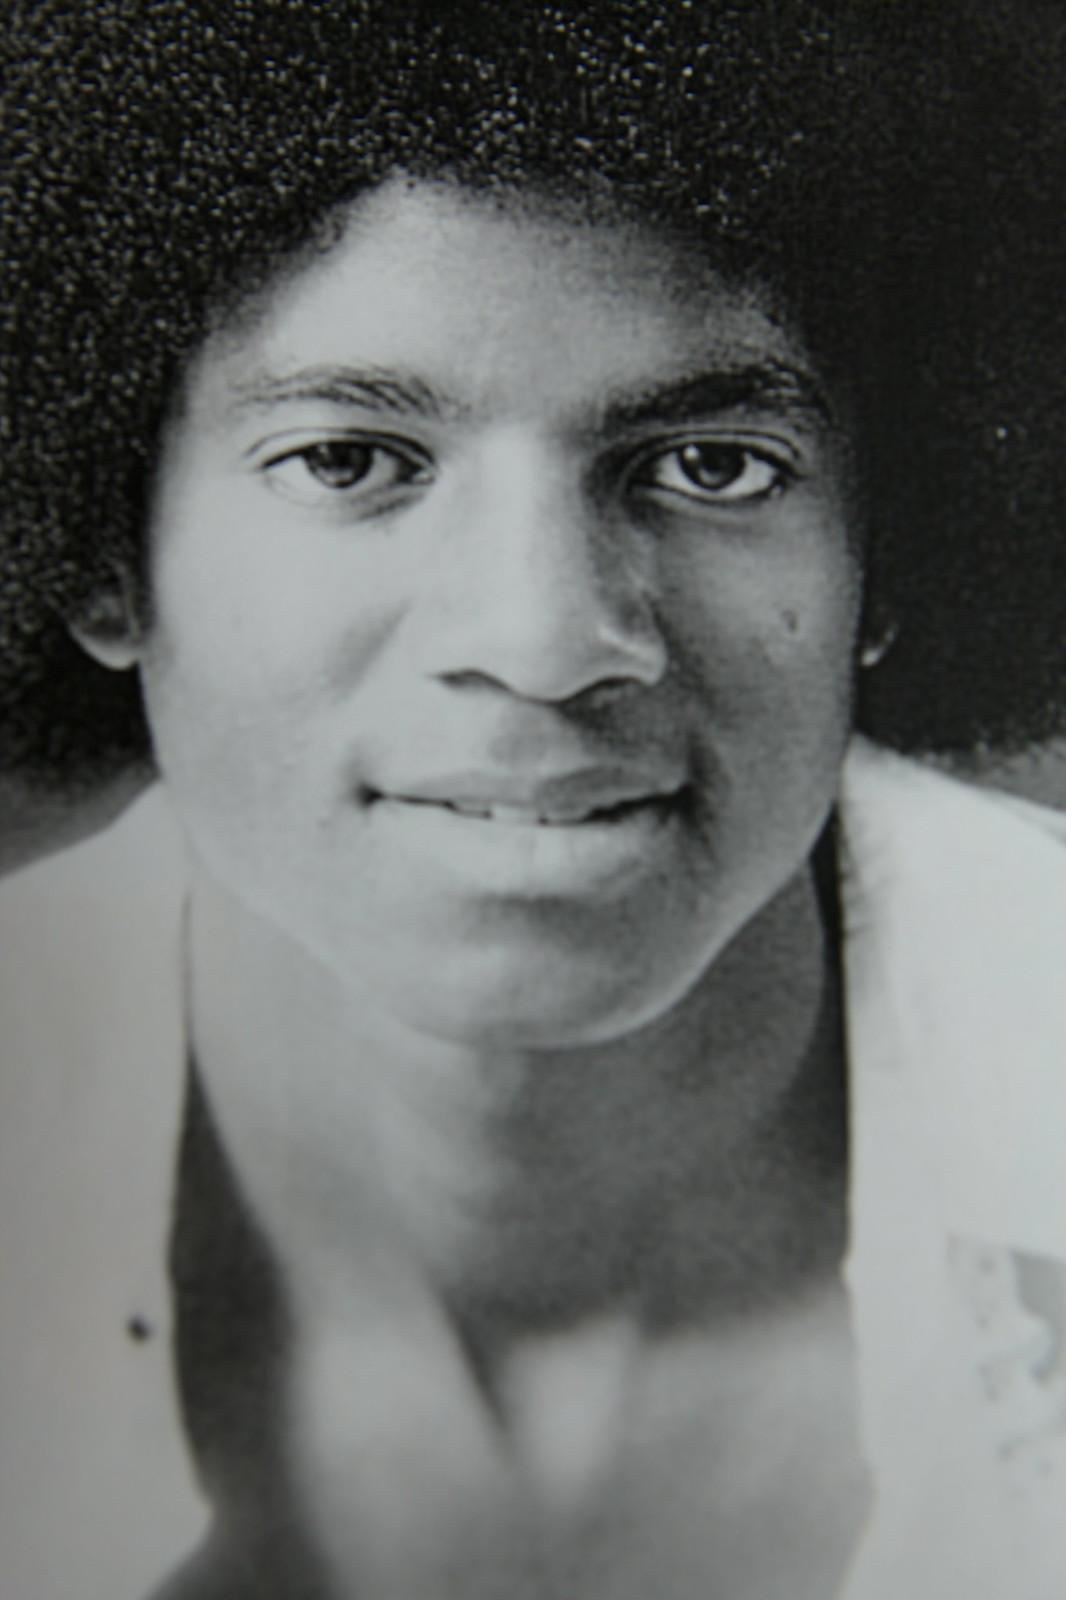 Фото | Майкл Джексон подросток